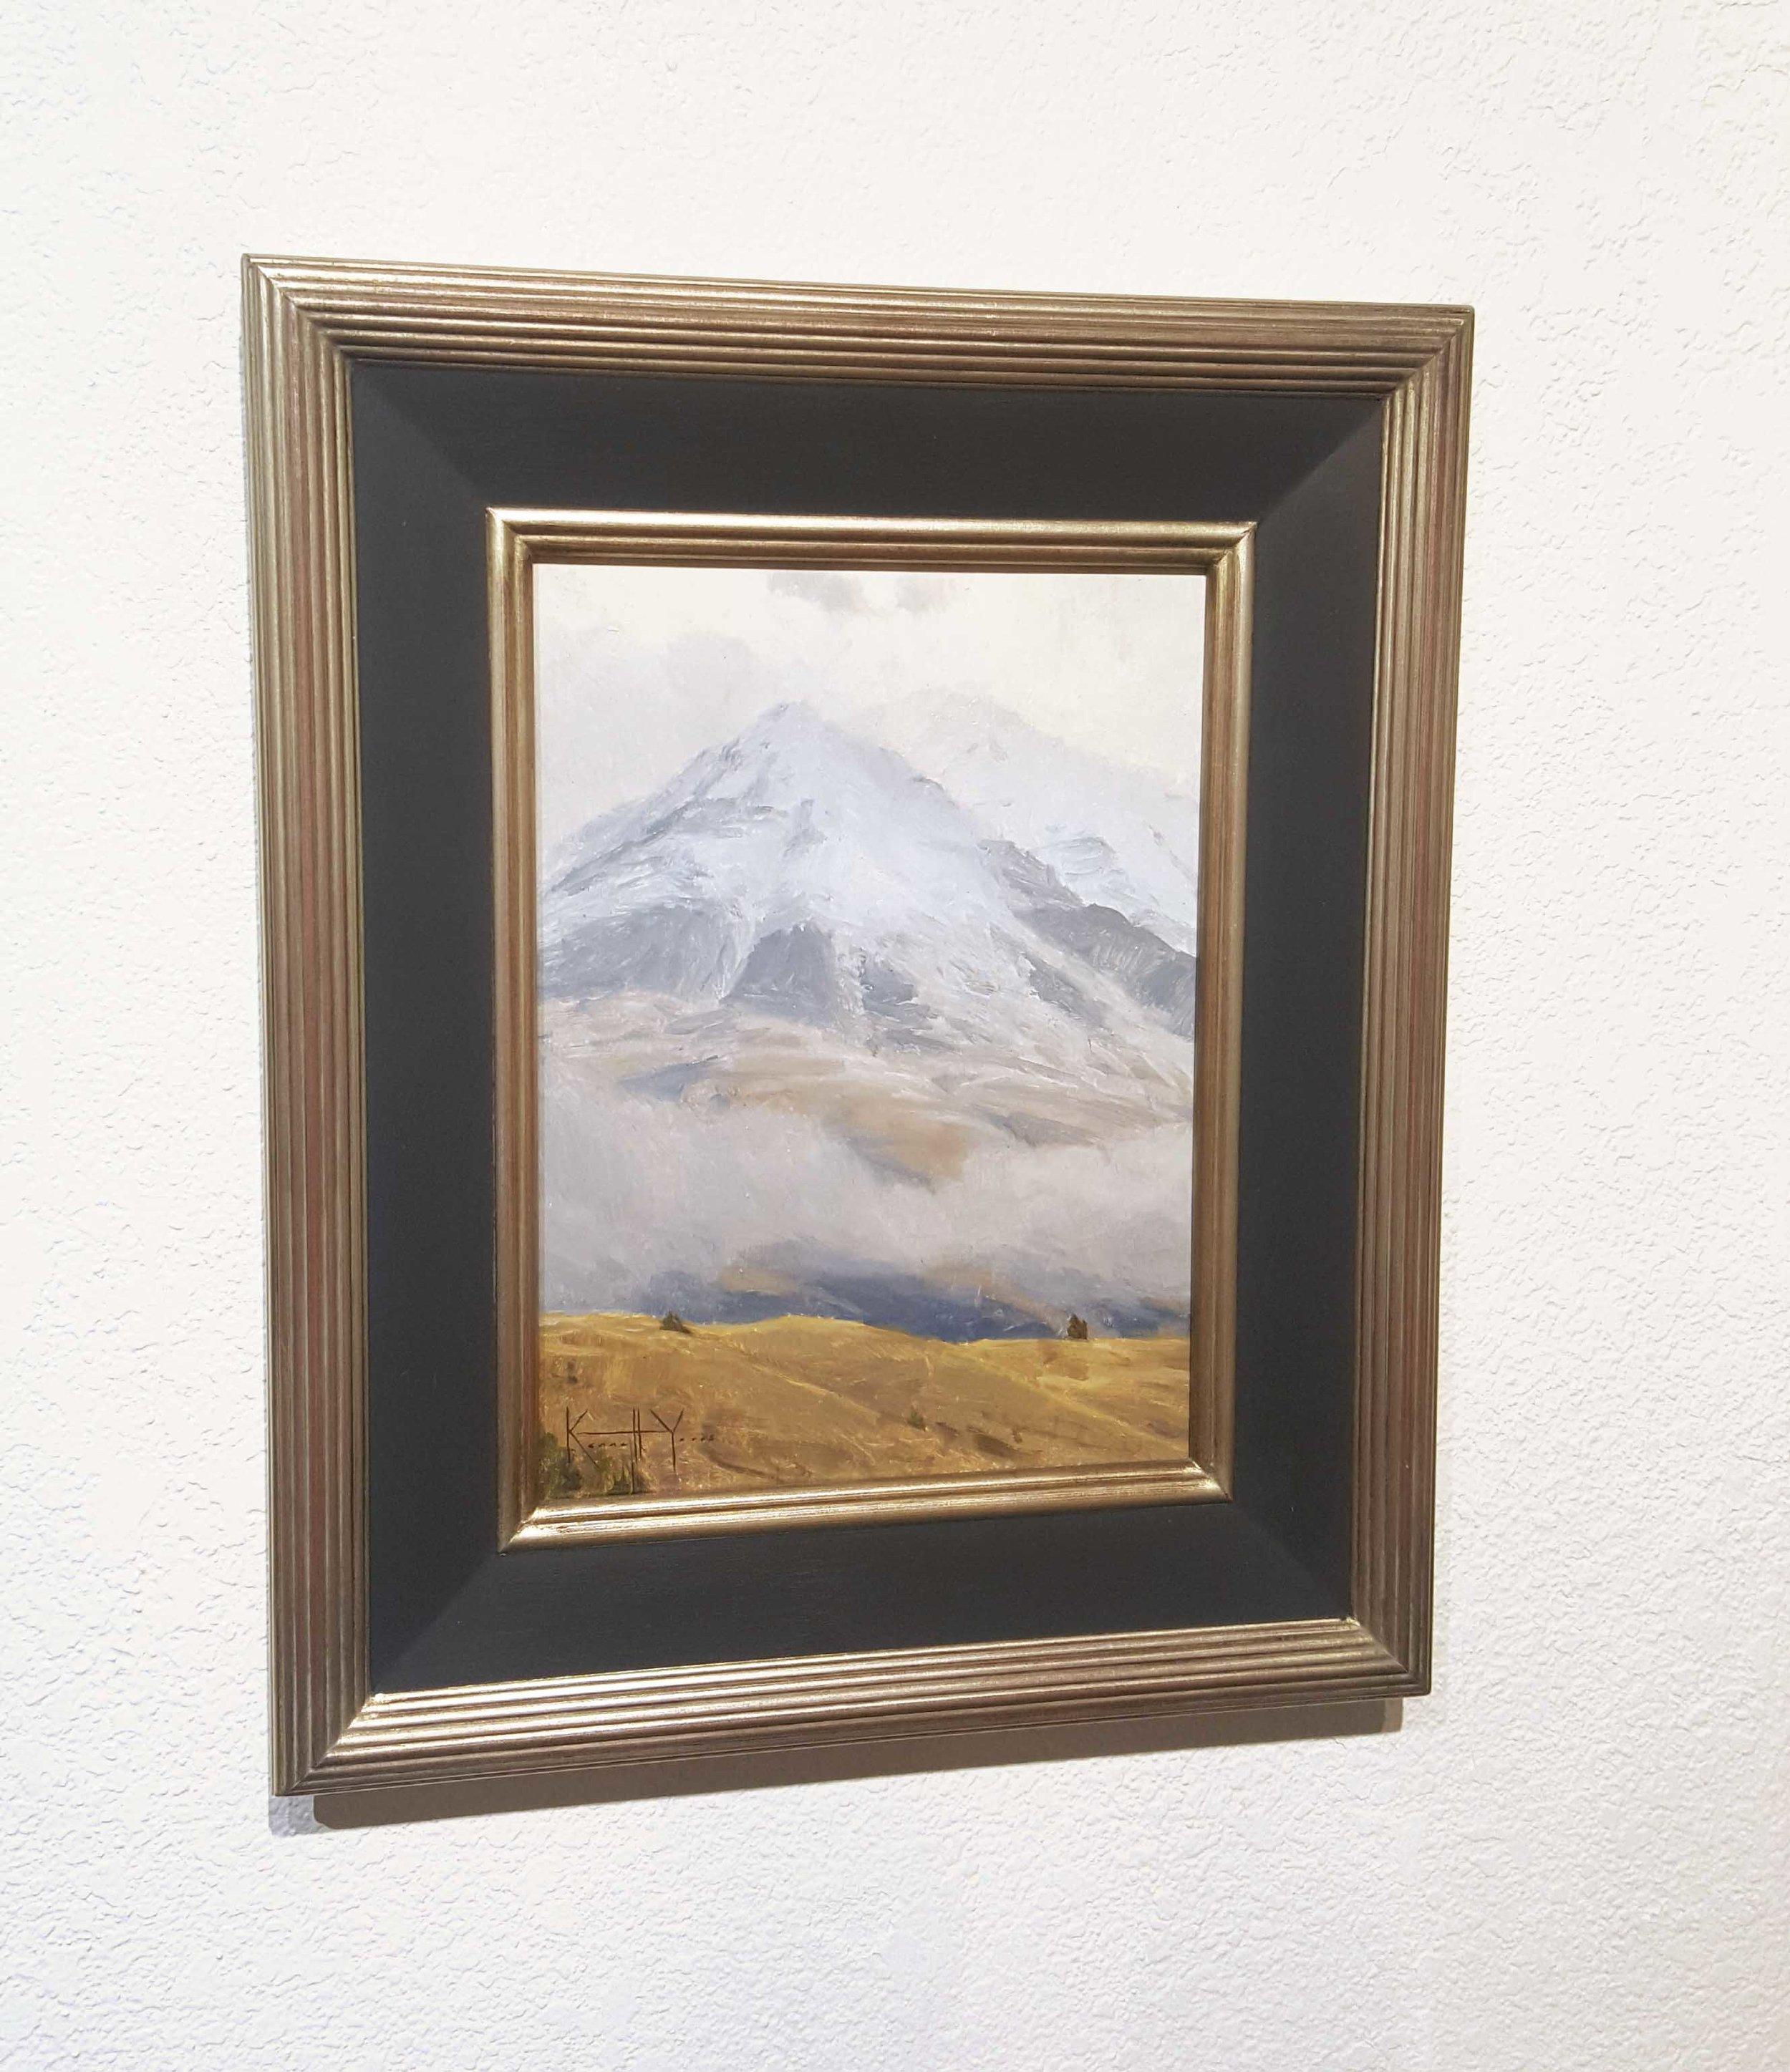 Emigrant framed.jpg